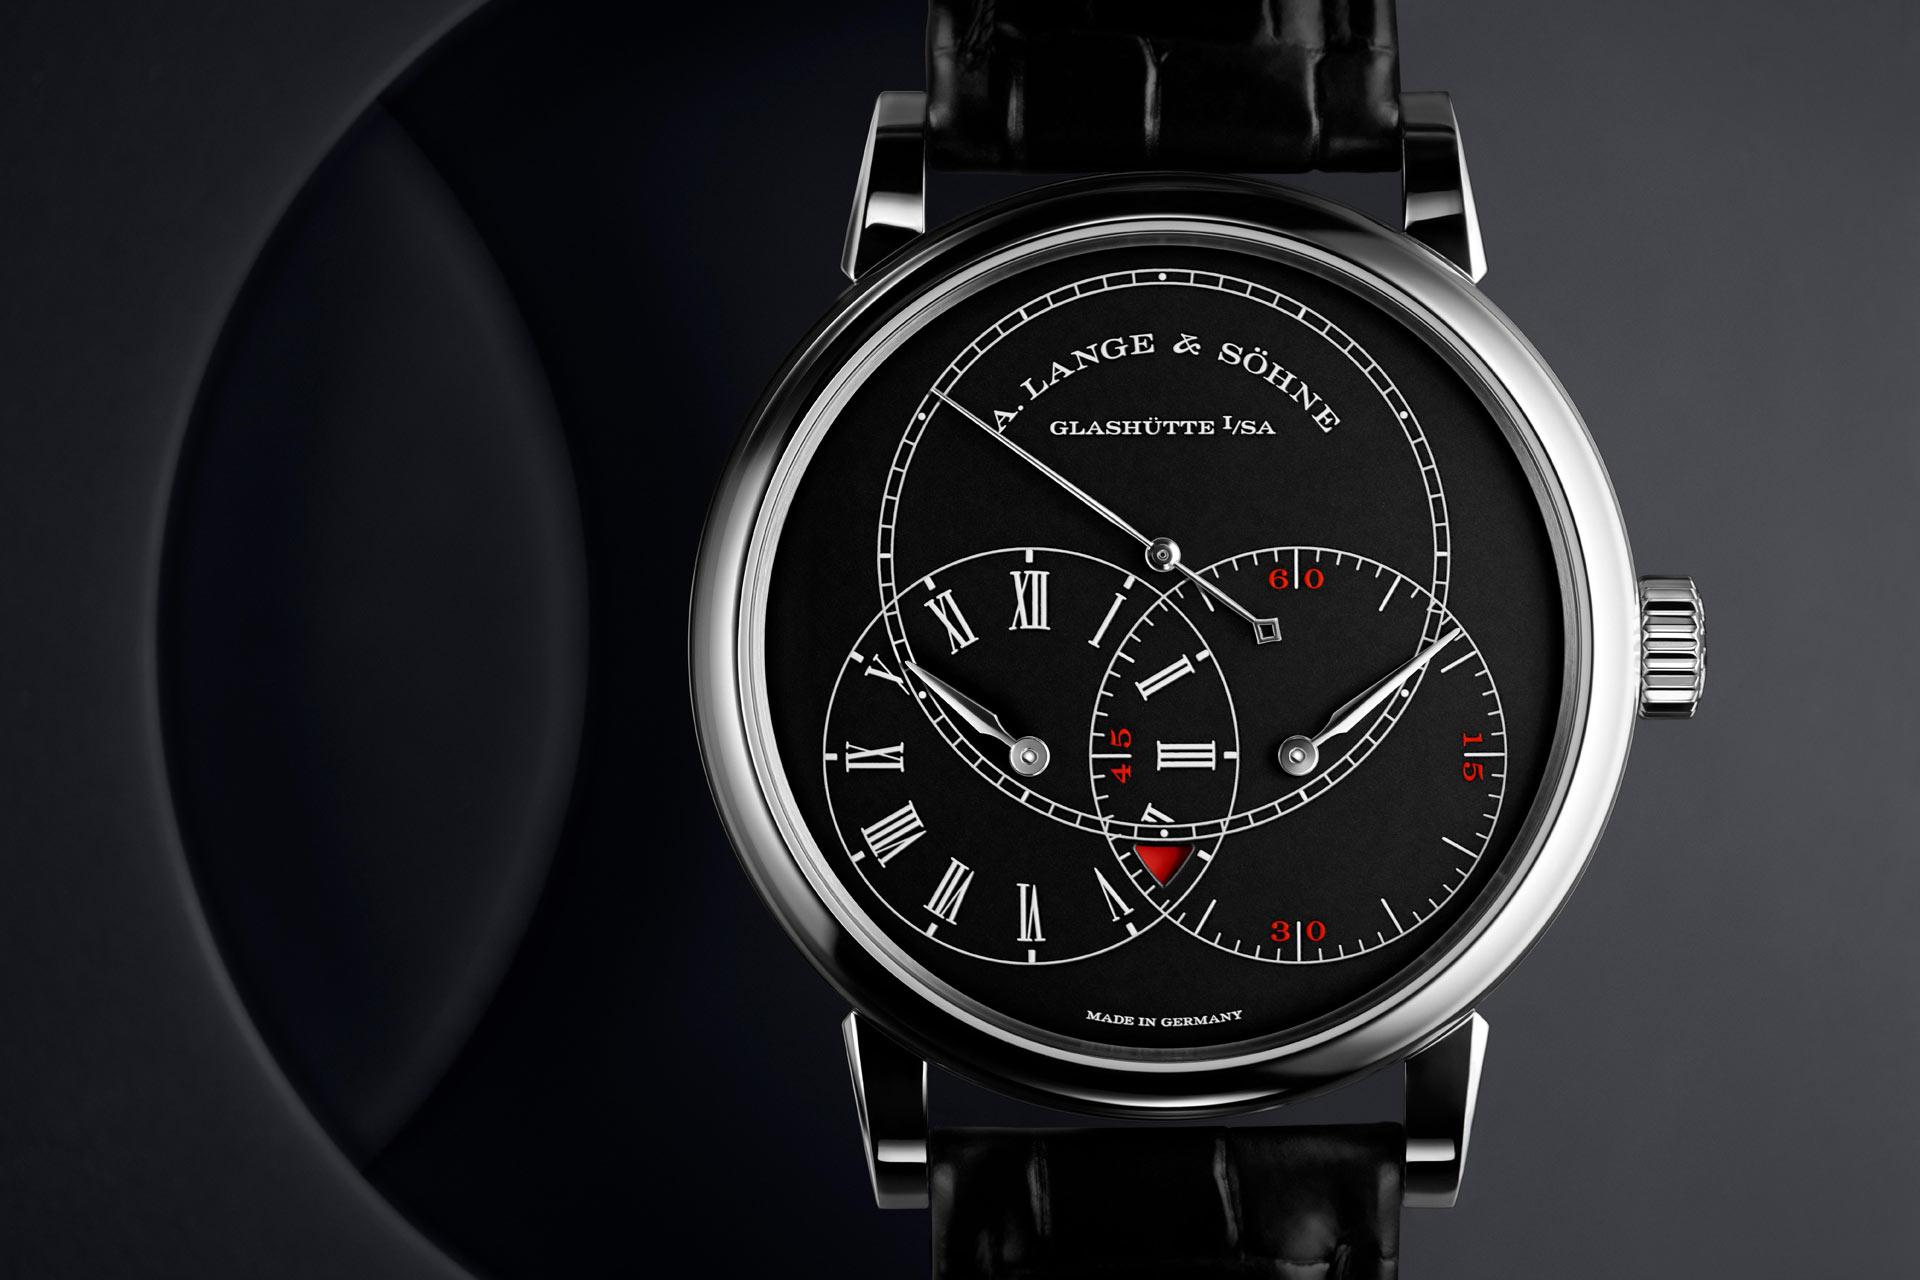 從經典造型認識 A.Lange & Söhne 六大腕錶系列